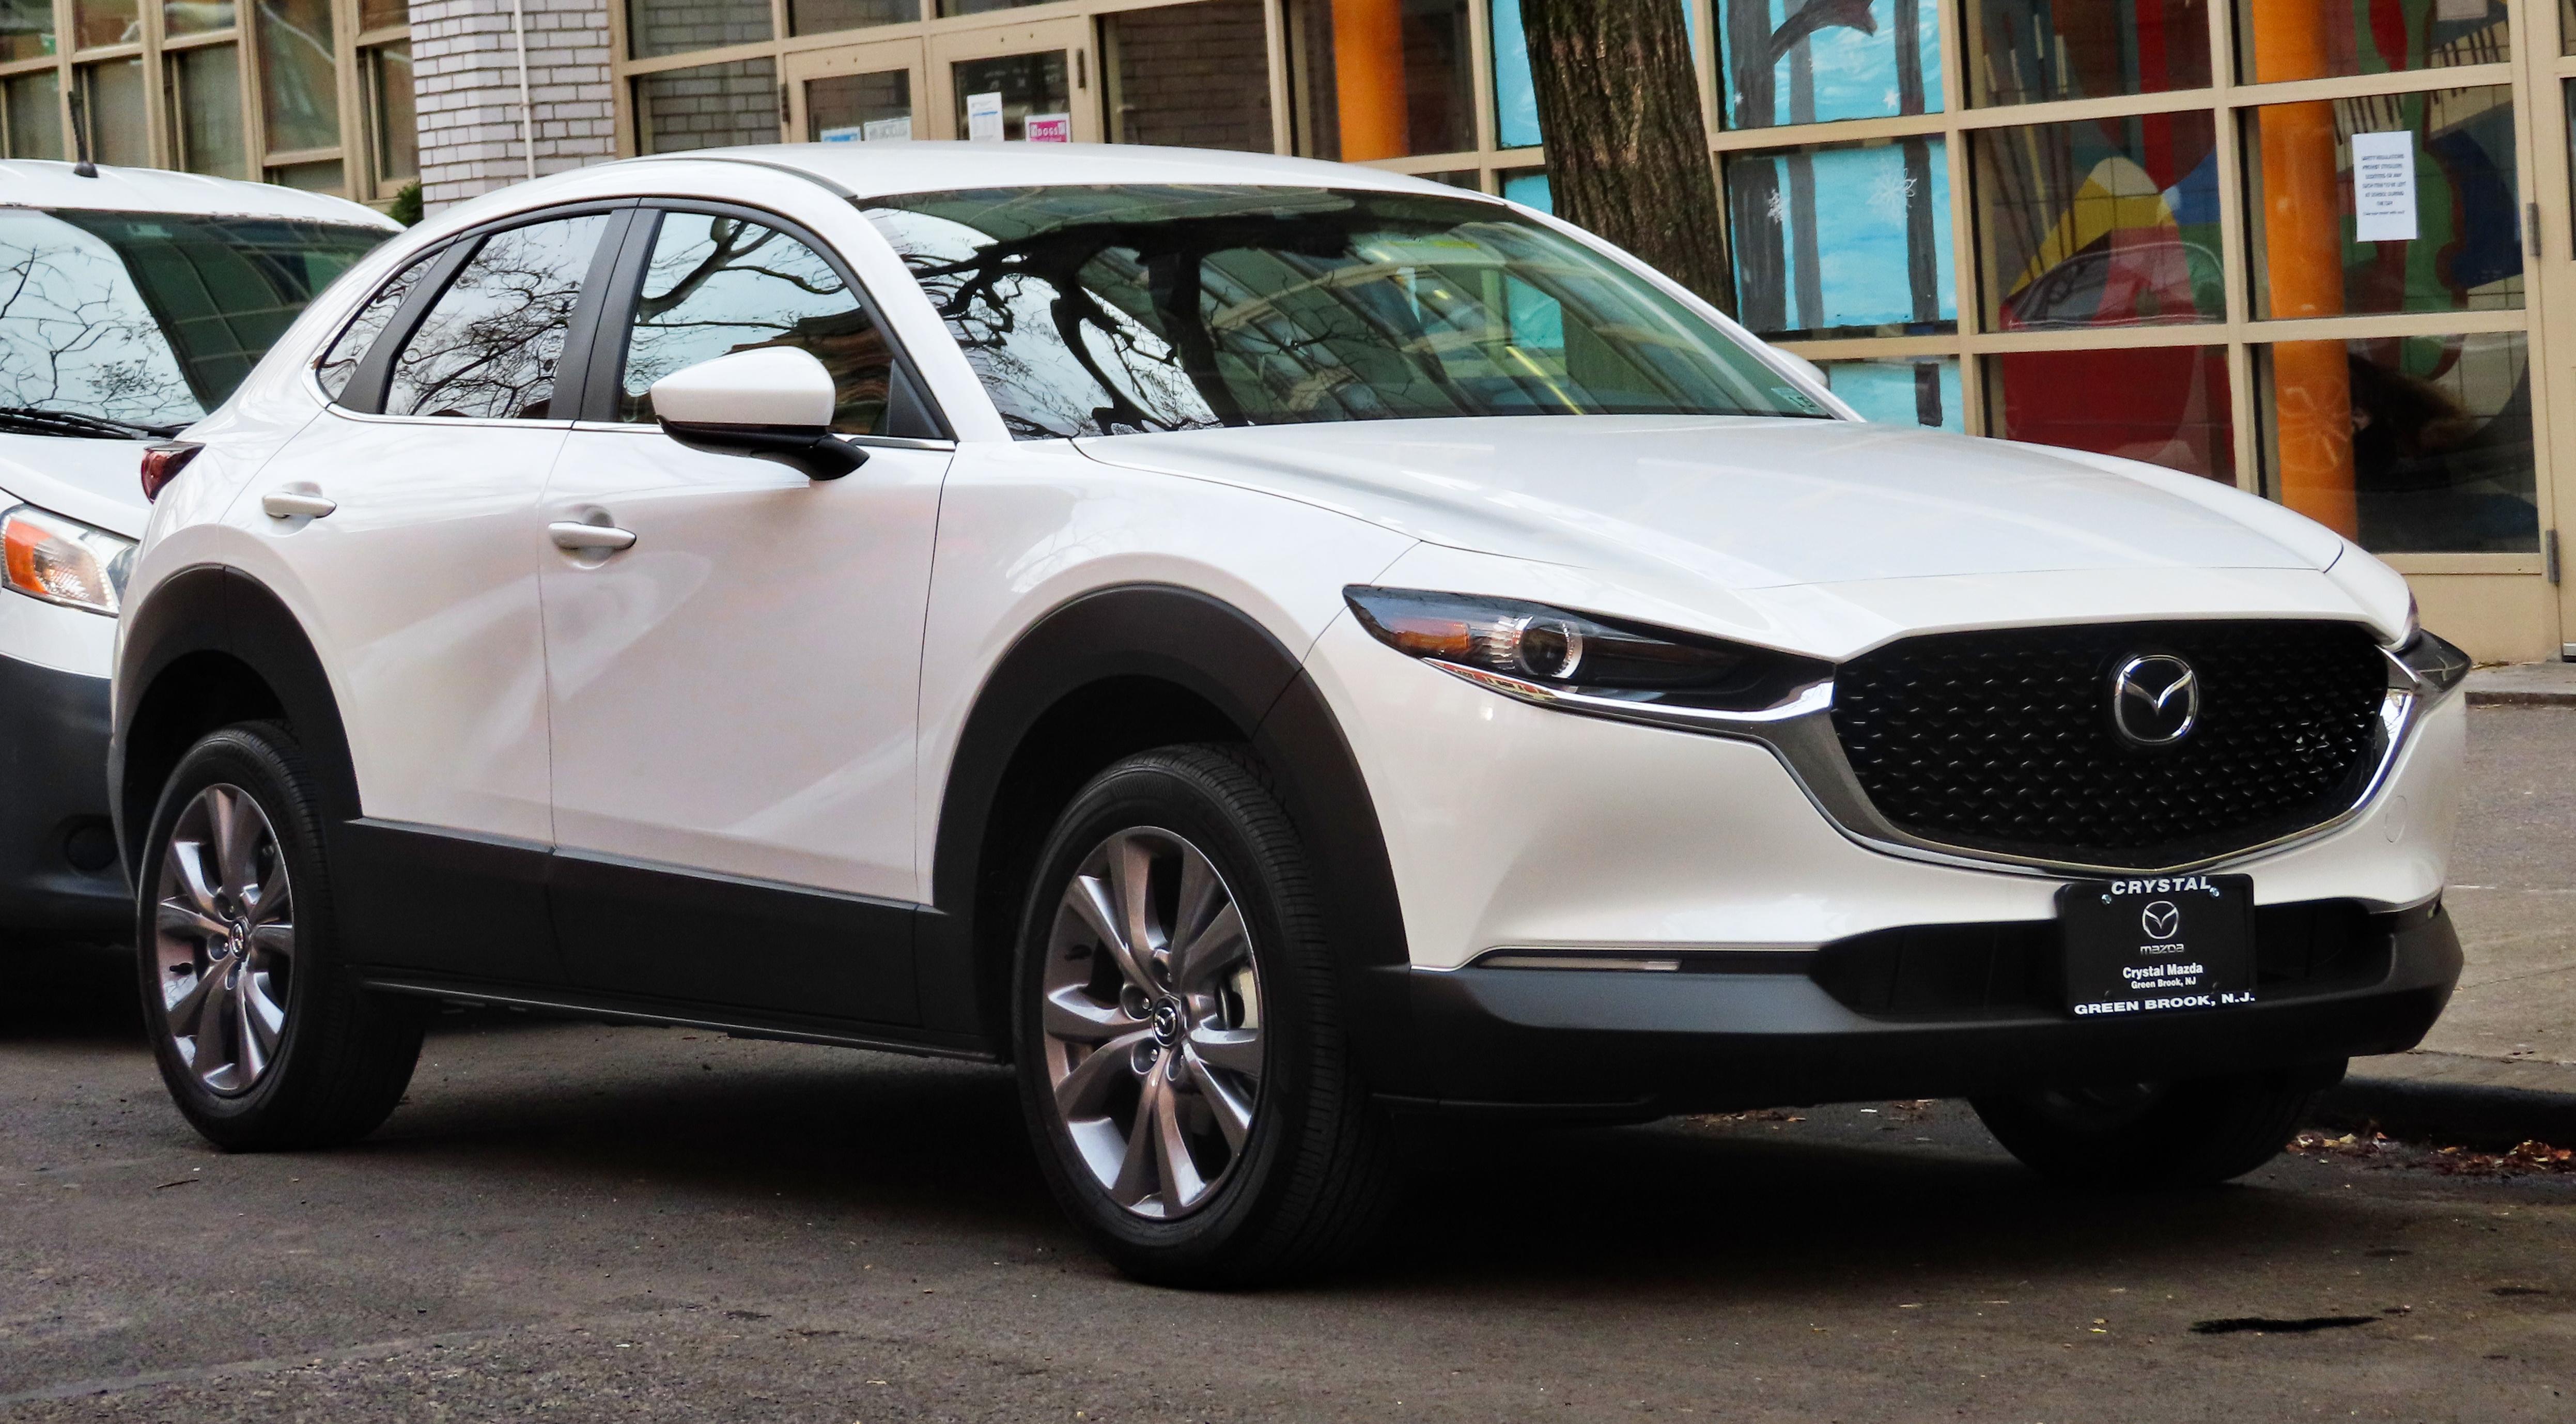 Kelebihan Harga Mazda Cx 3 Murah Berkualitas